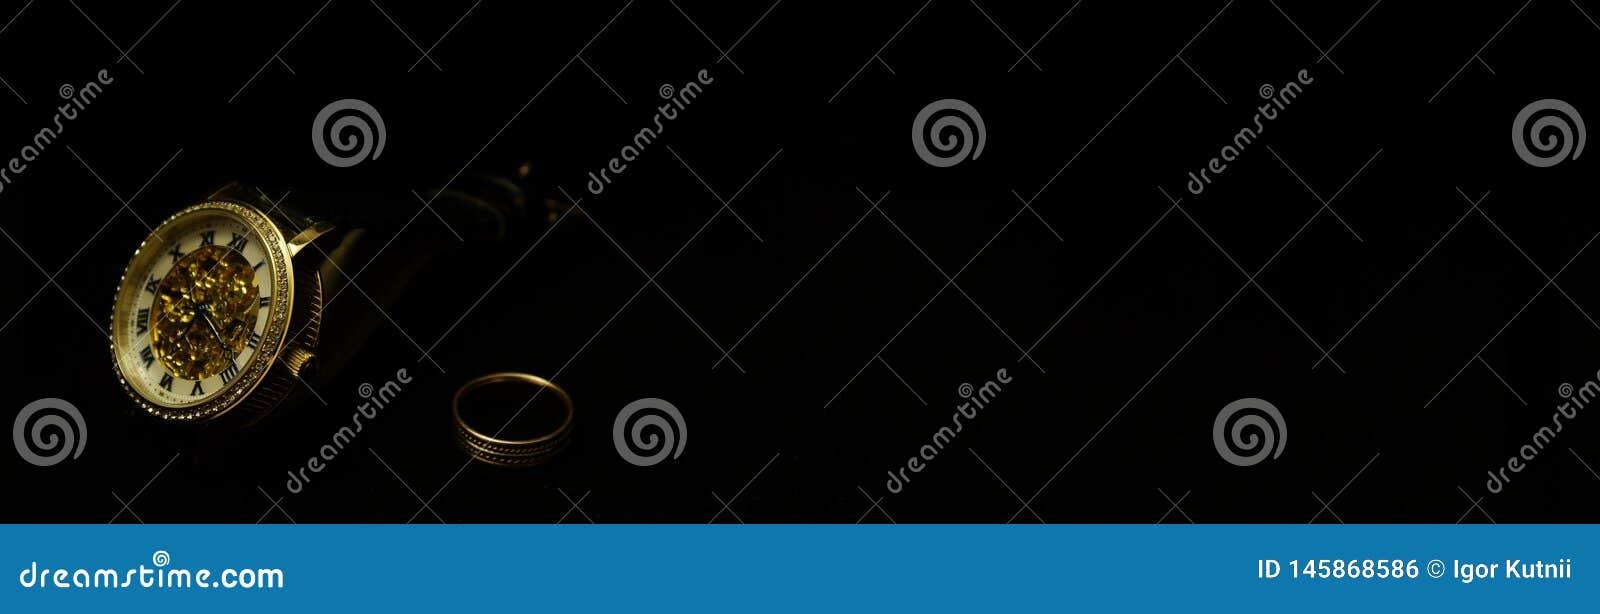 Наручные часы и кольцо людей на черном бархате